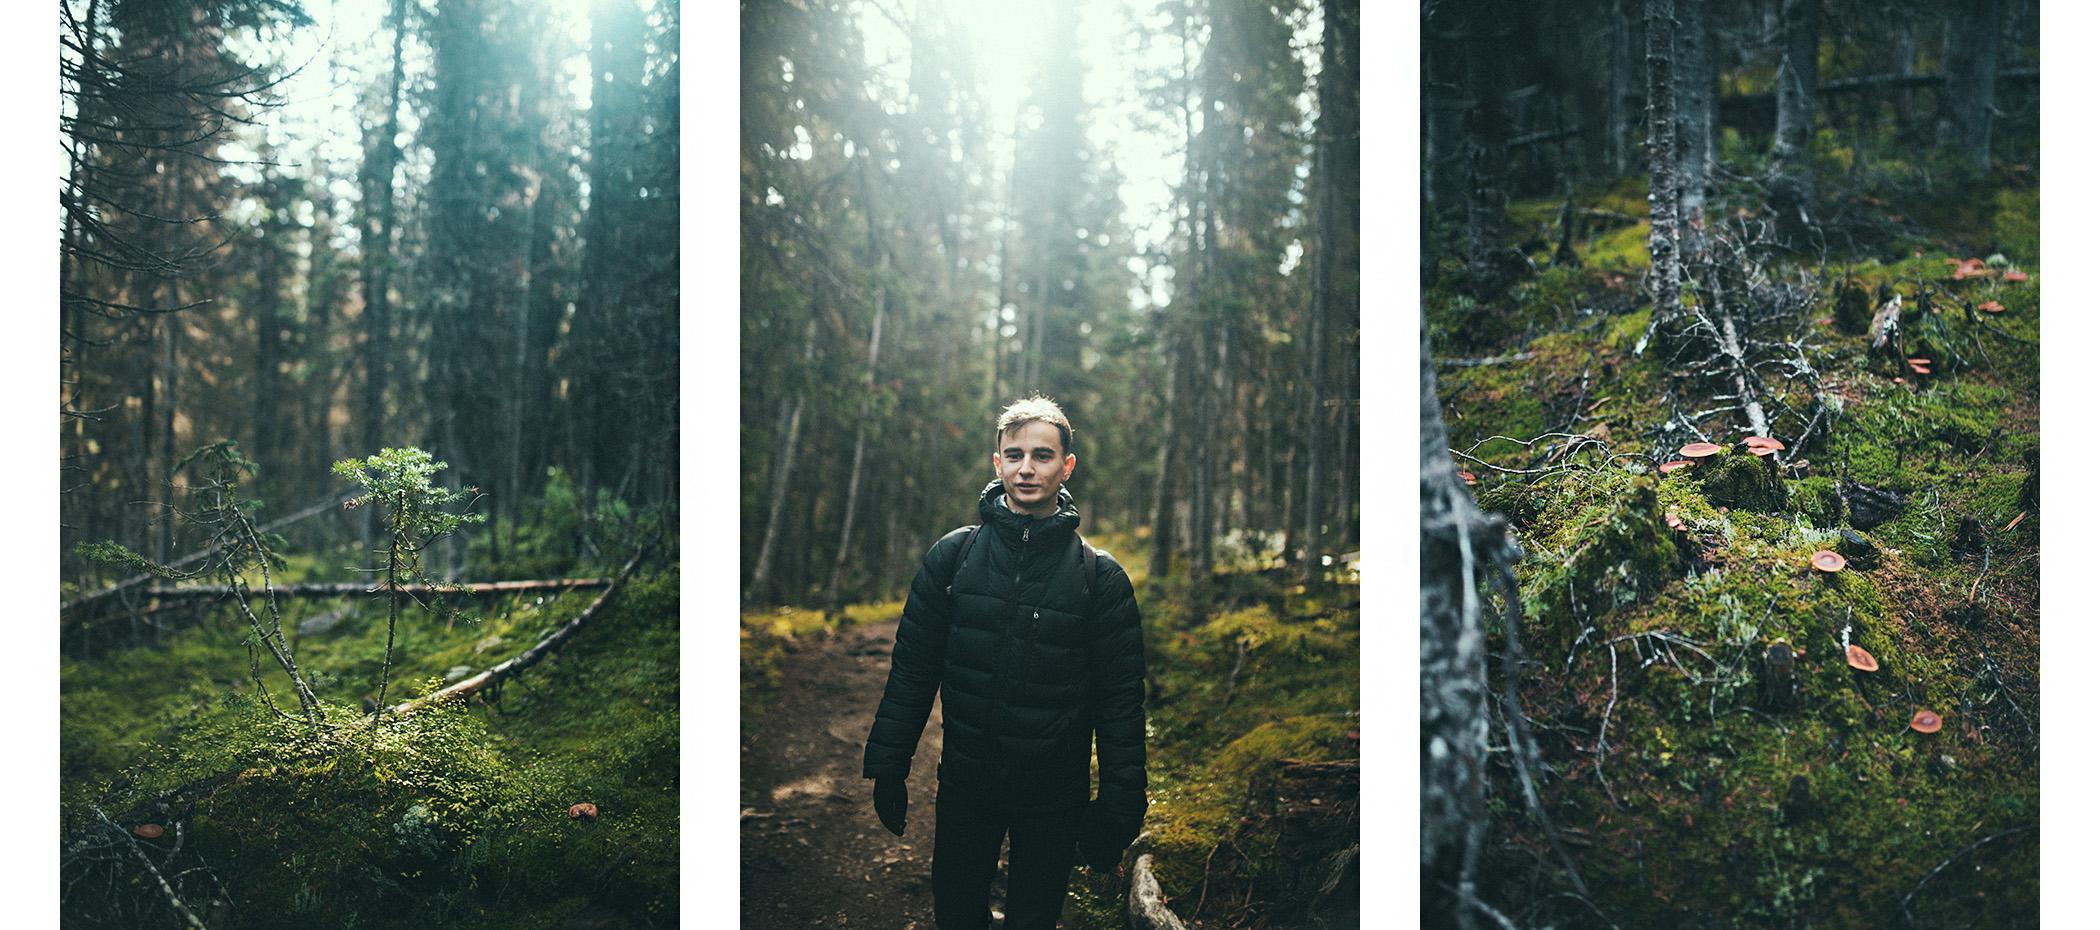 Consolation Lakes Trail, Kanada